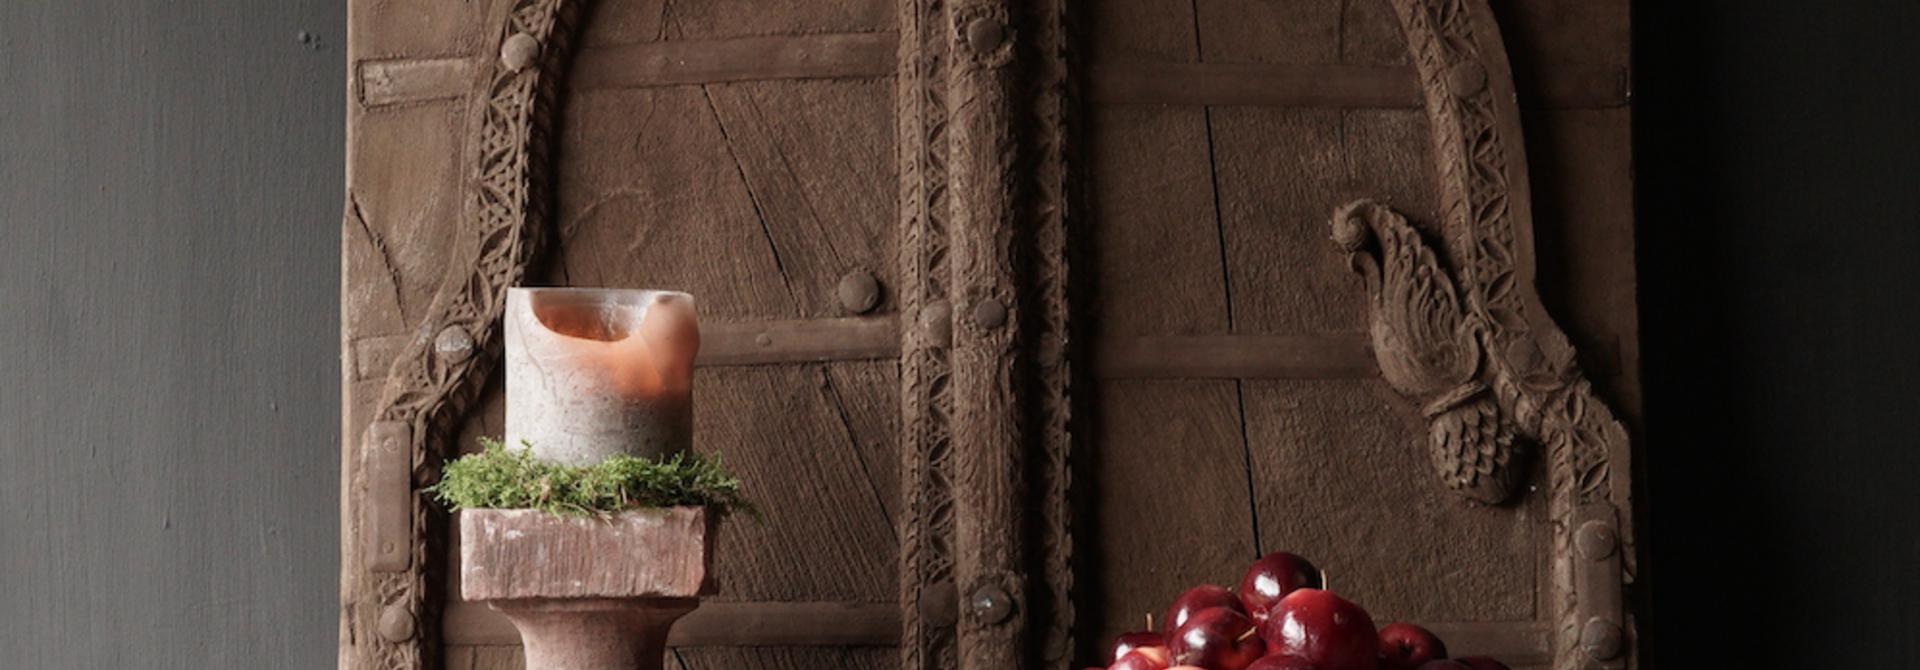 Robuste Holzluke aus altem Gebäude in Indien